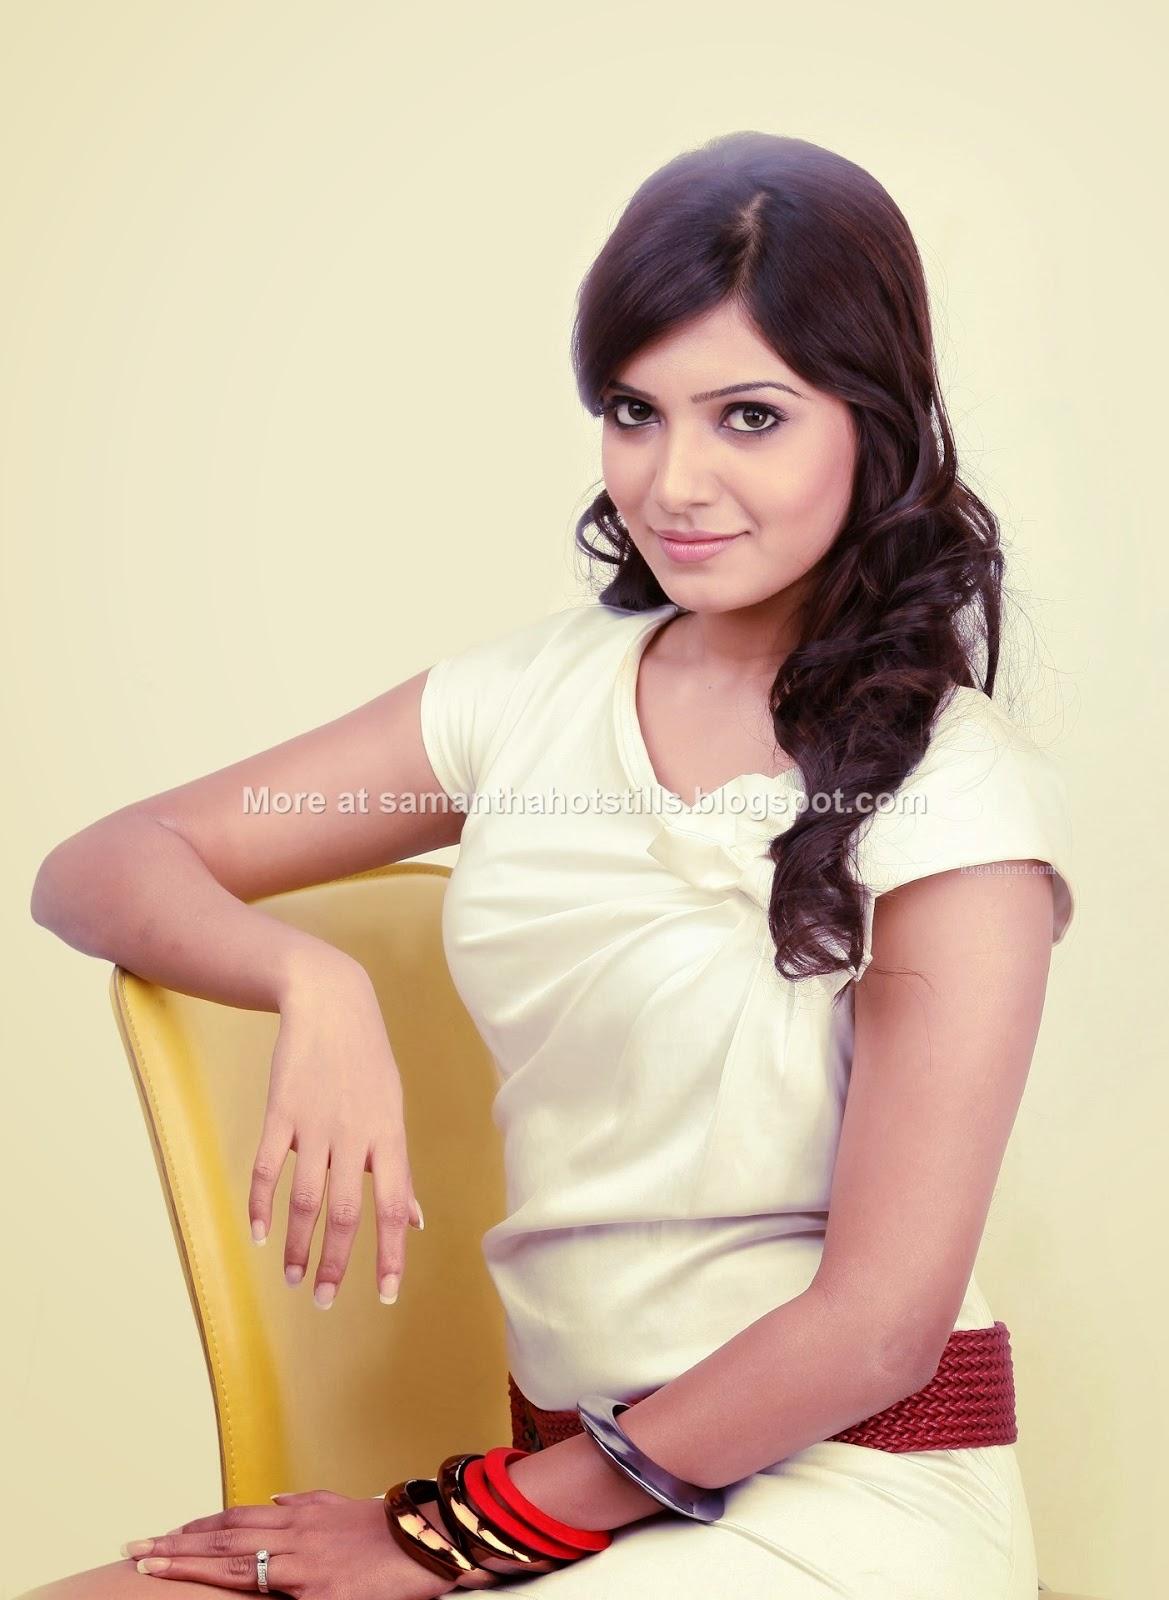 may 2014 ~ actress-samantha-ruth-prabhu-hot-photos-images-wallpapers